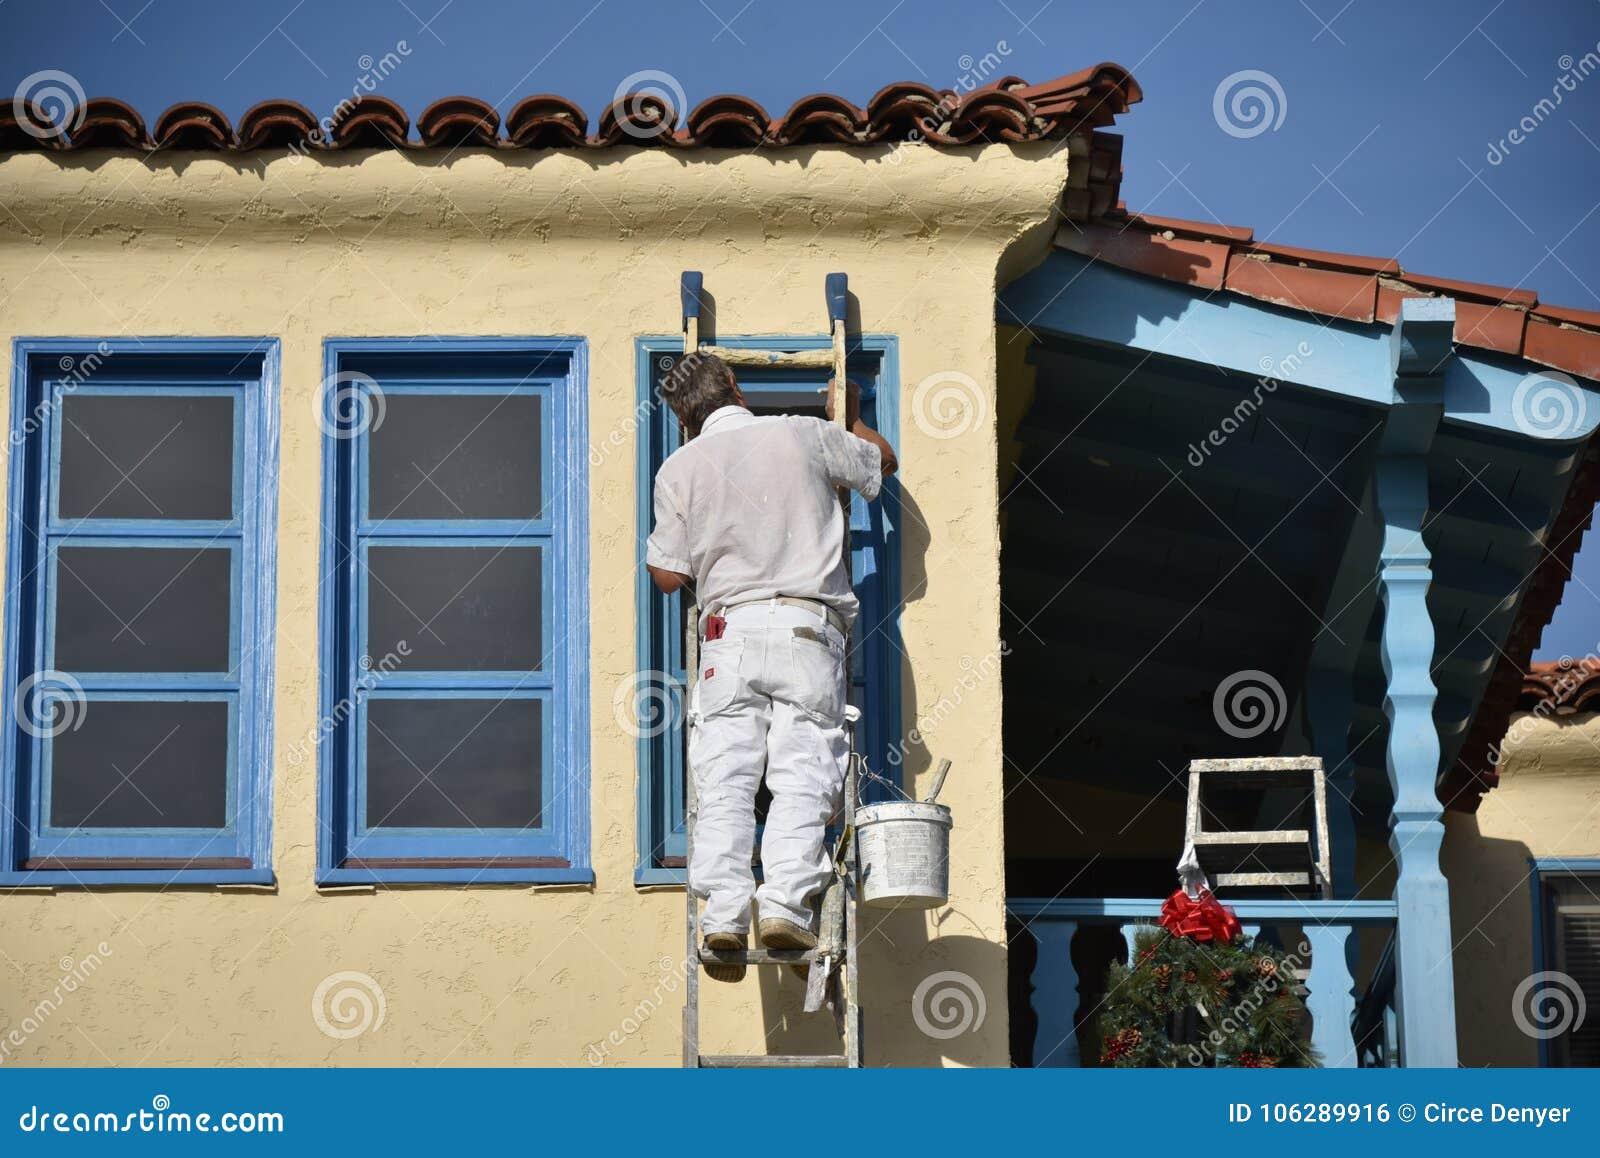 Ζωγράφος, που χρωματίζει ένα κίτρινο και μπλε τακτοποιημένο σπίτι